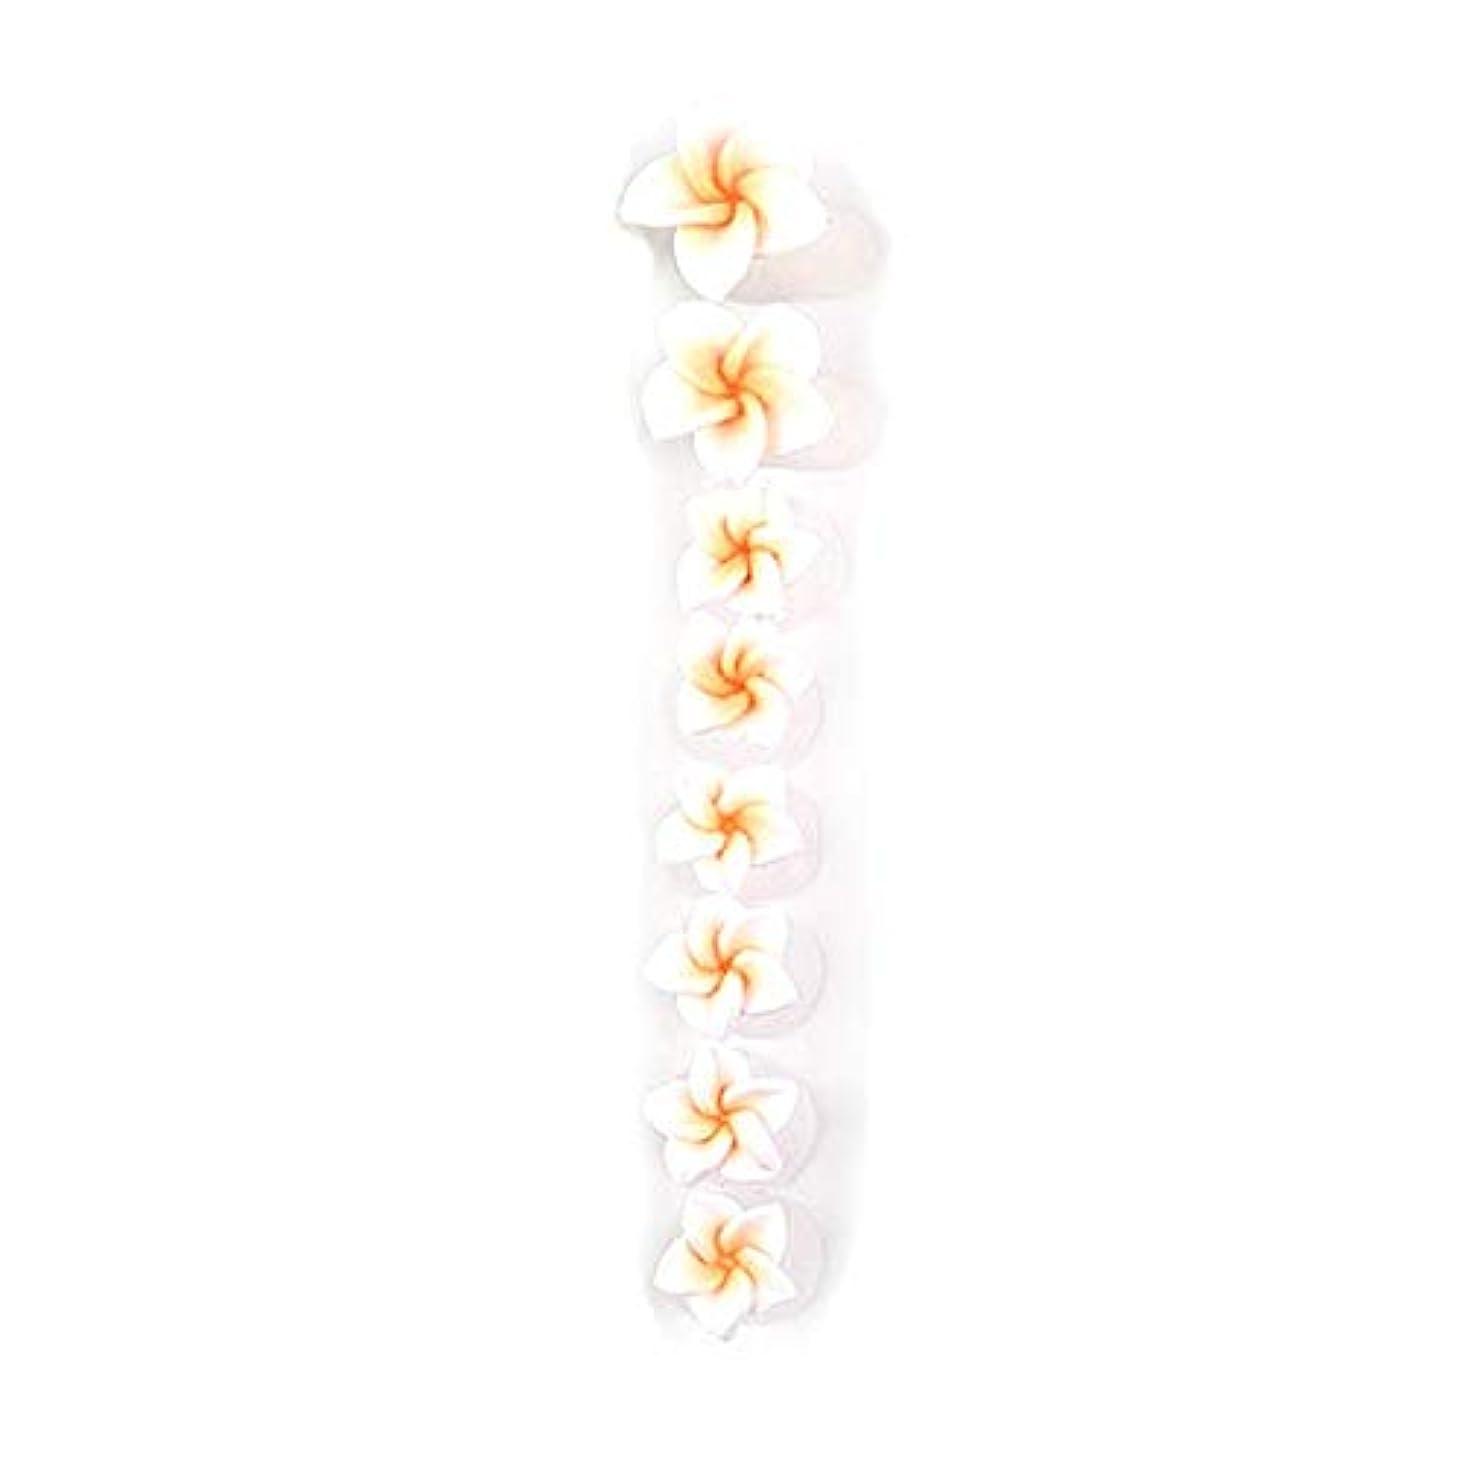 肥沃な血色の良い家主8ピース/セットシリコンつま先セパレーター足つま先スペーサー花形ペディキュアDIYネイルアートツール-カラフル01#